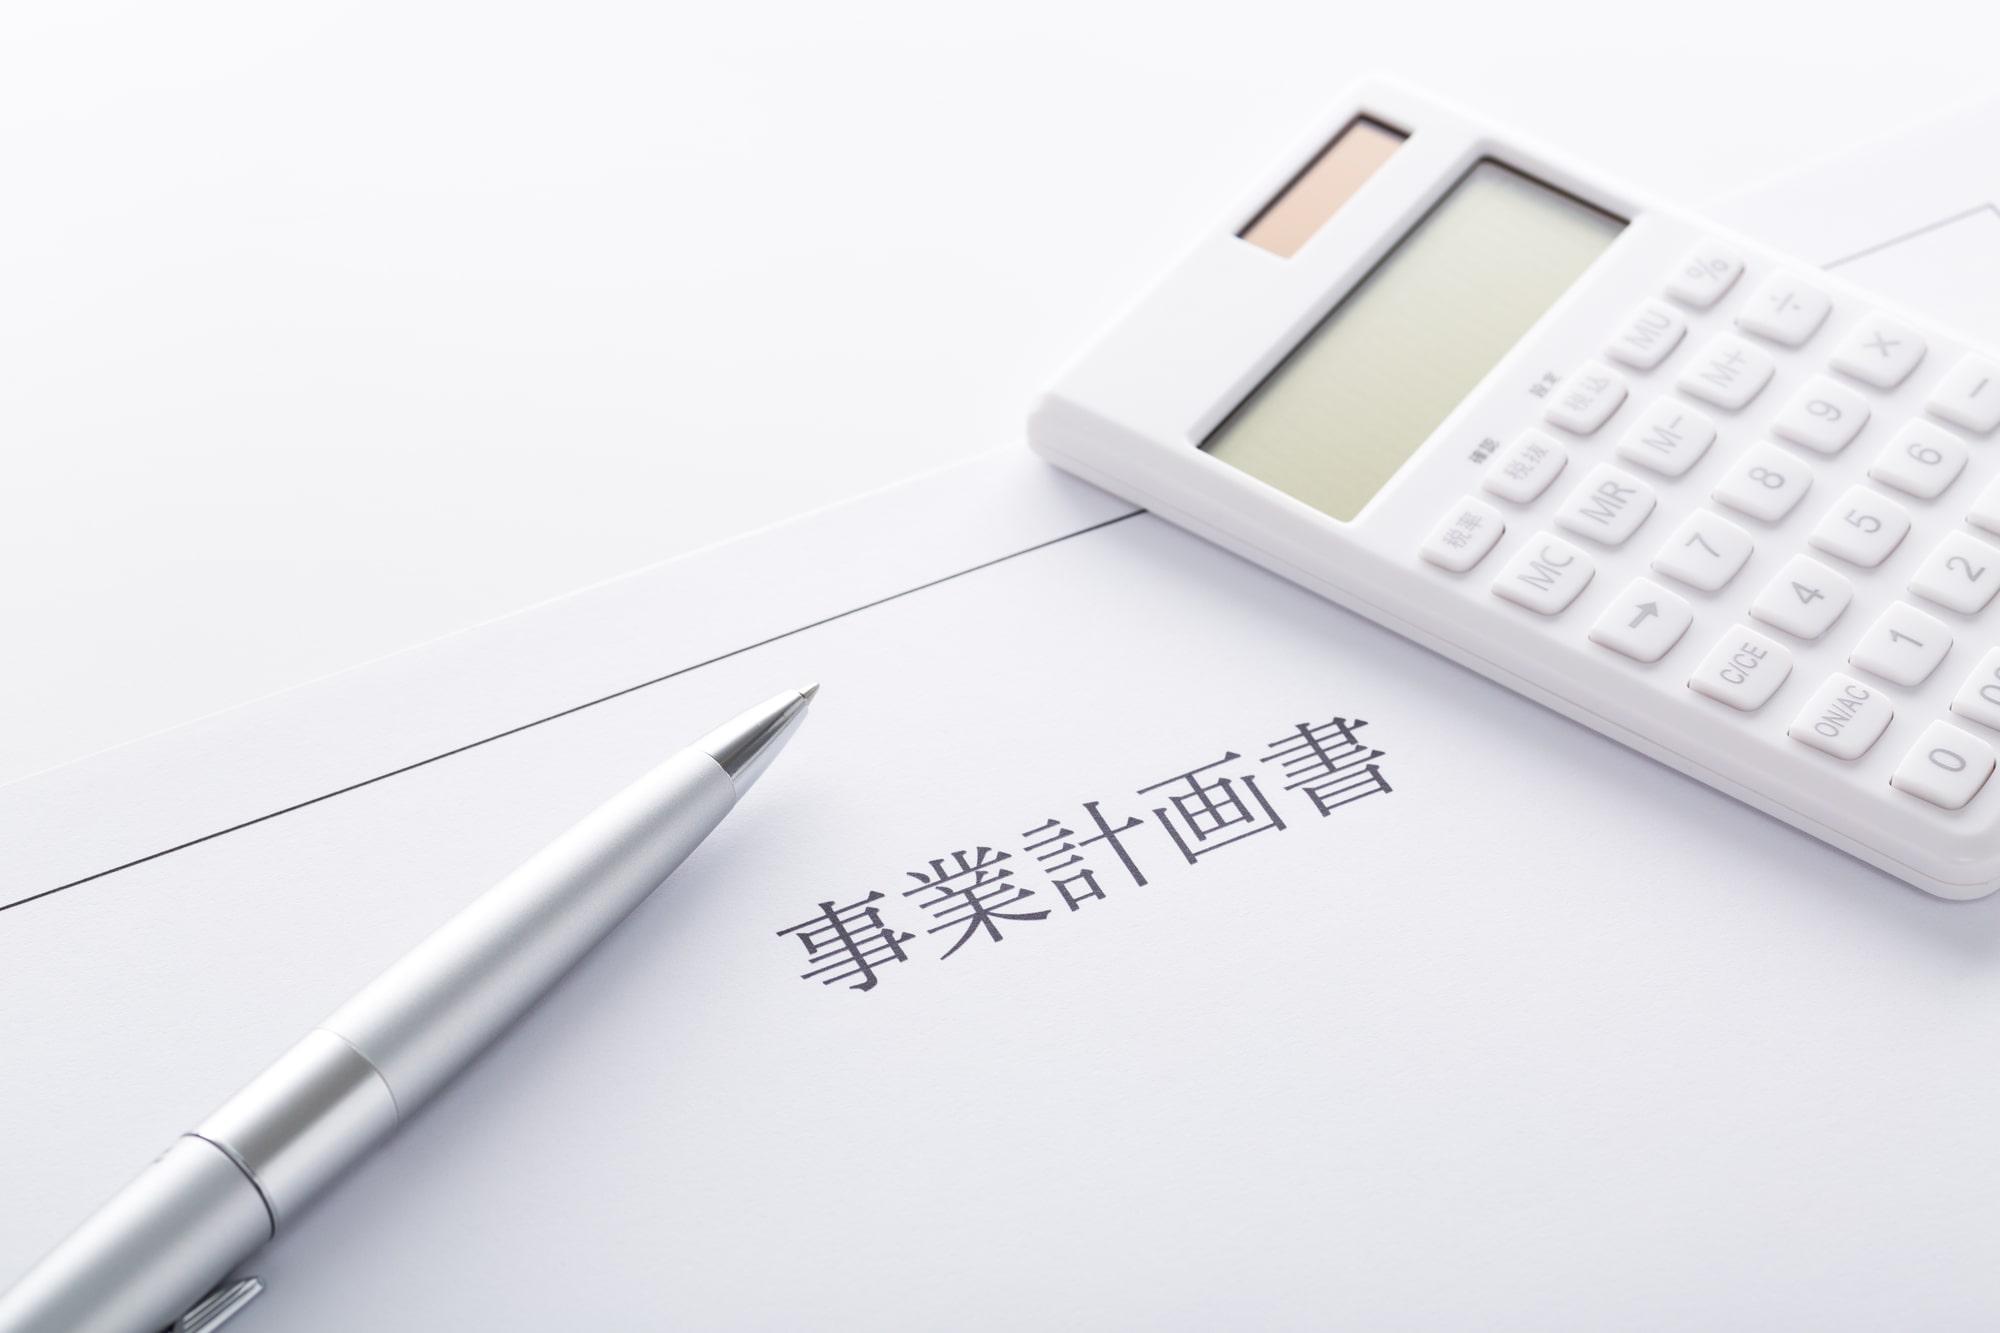 経営改善計画書策定 金融機関対応支援サービス